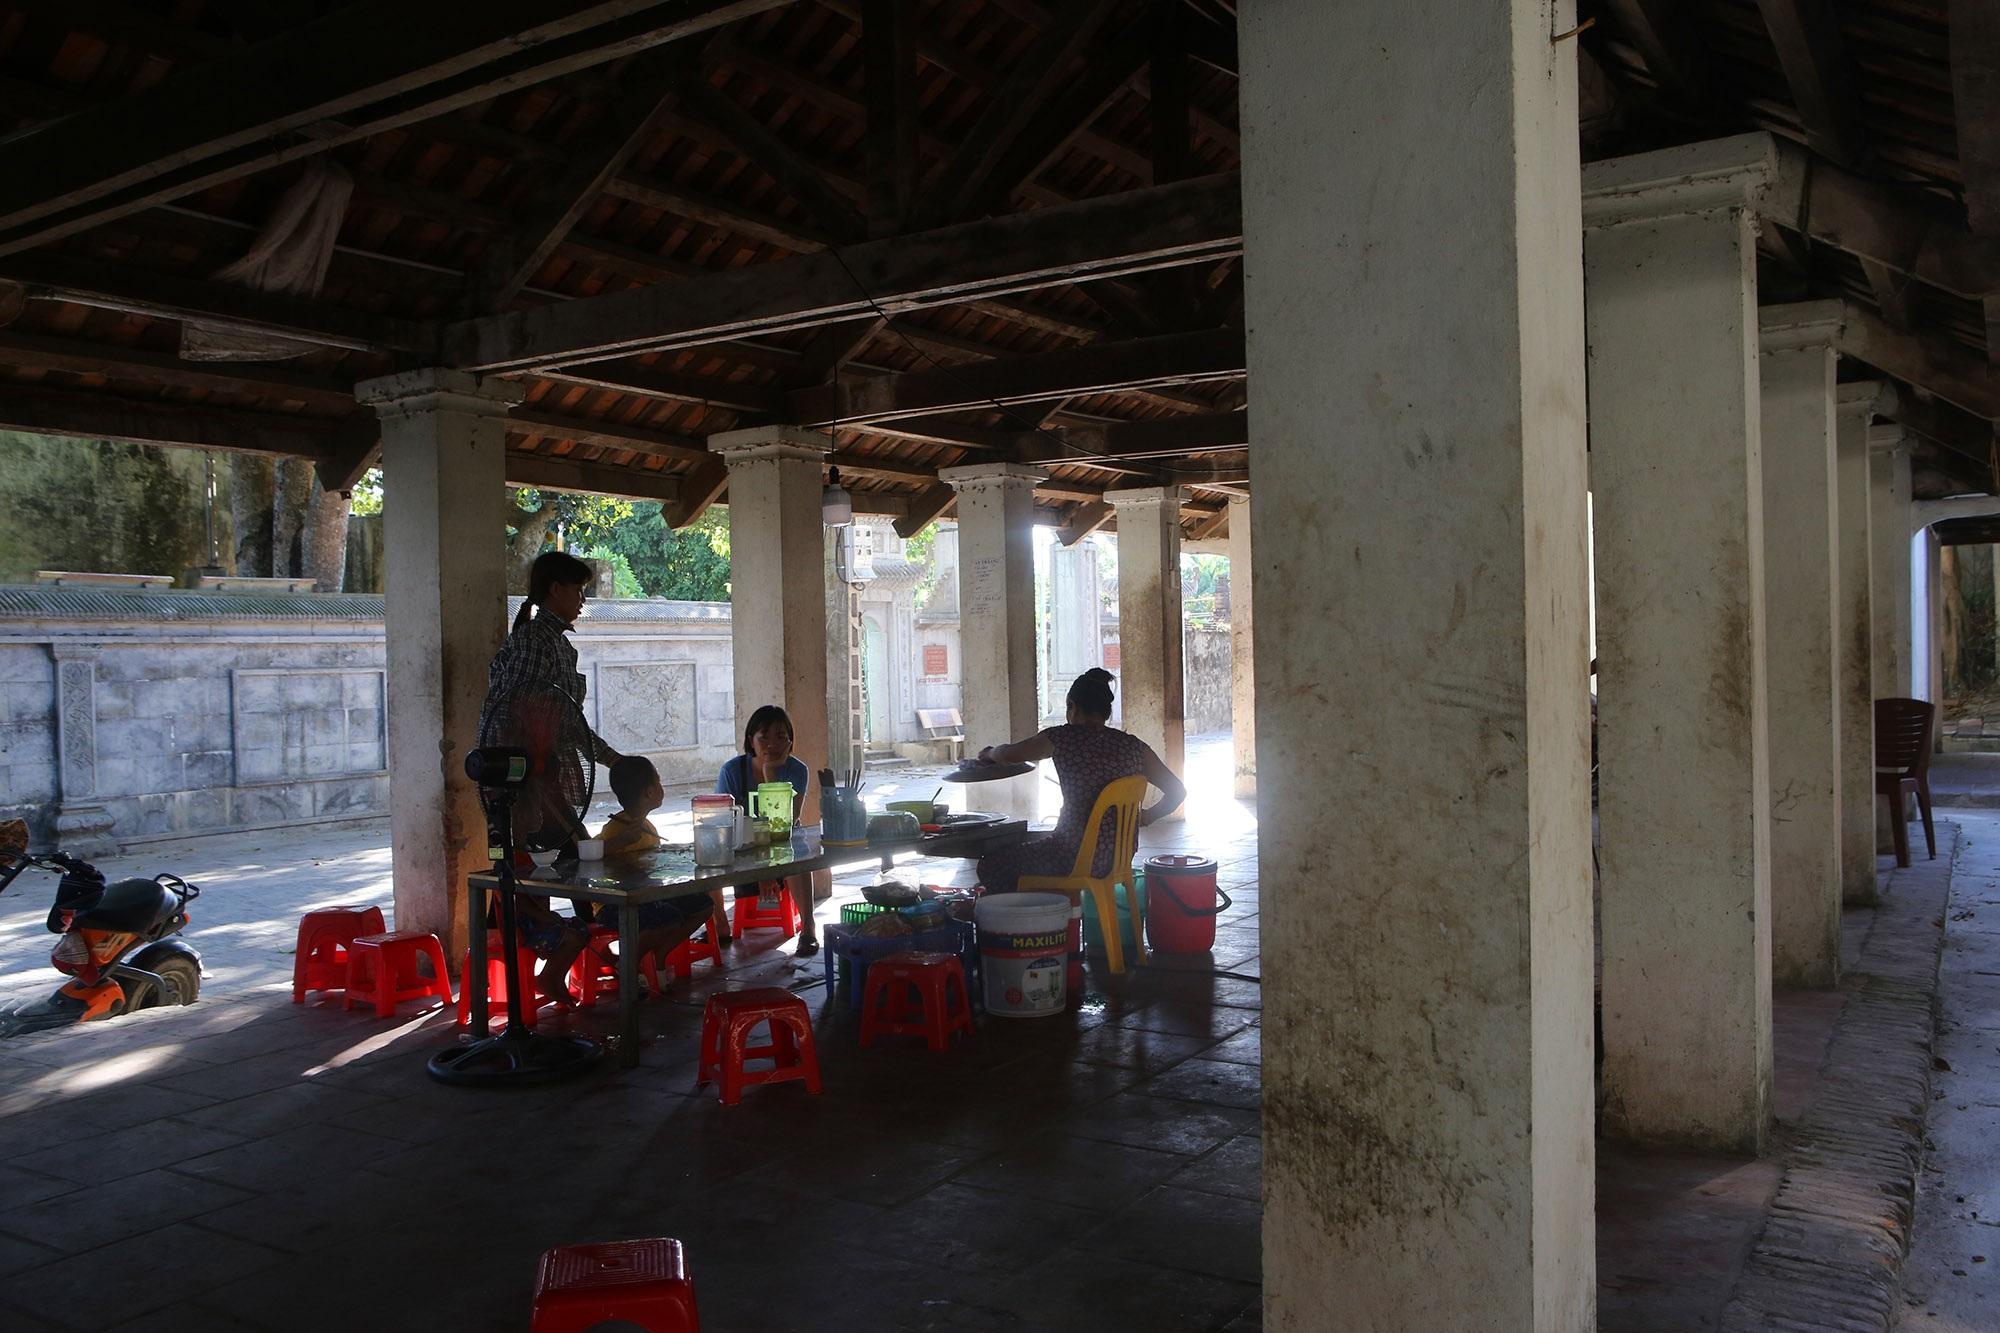 Khám phá vẻ đẹp của cổng làng đồ sộ trải qua 5 thế kỷ tại ngoại ô Hà Nội - 7